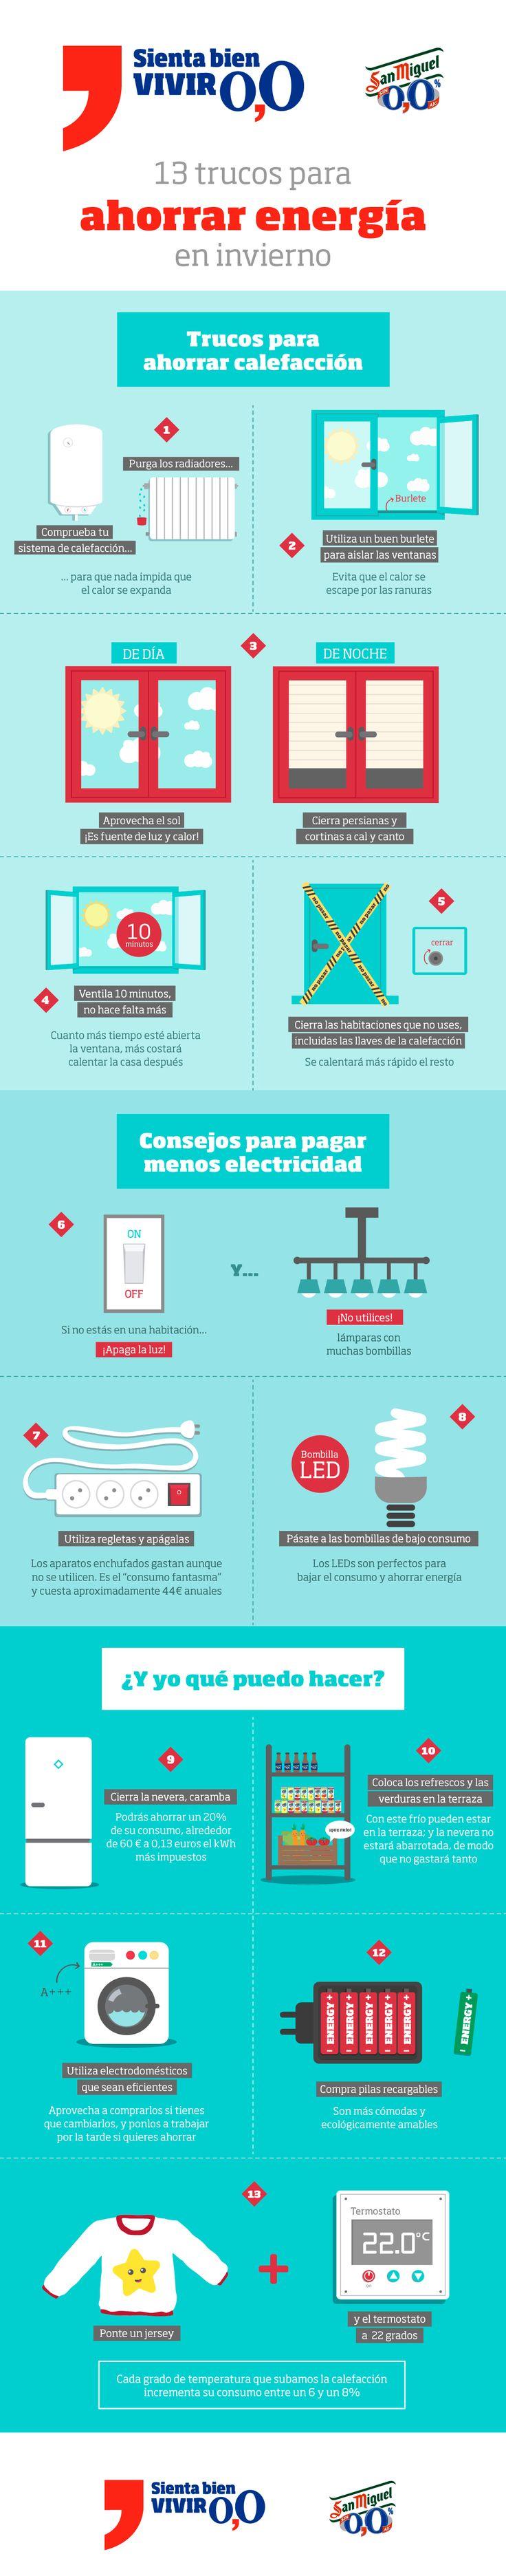 Infografía: cómo ahorrar energía en casa sin renunciar a nada #infografia #ahorro #energia #diseno #ilustracion